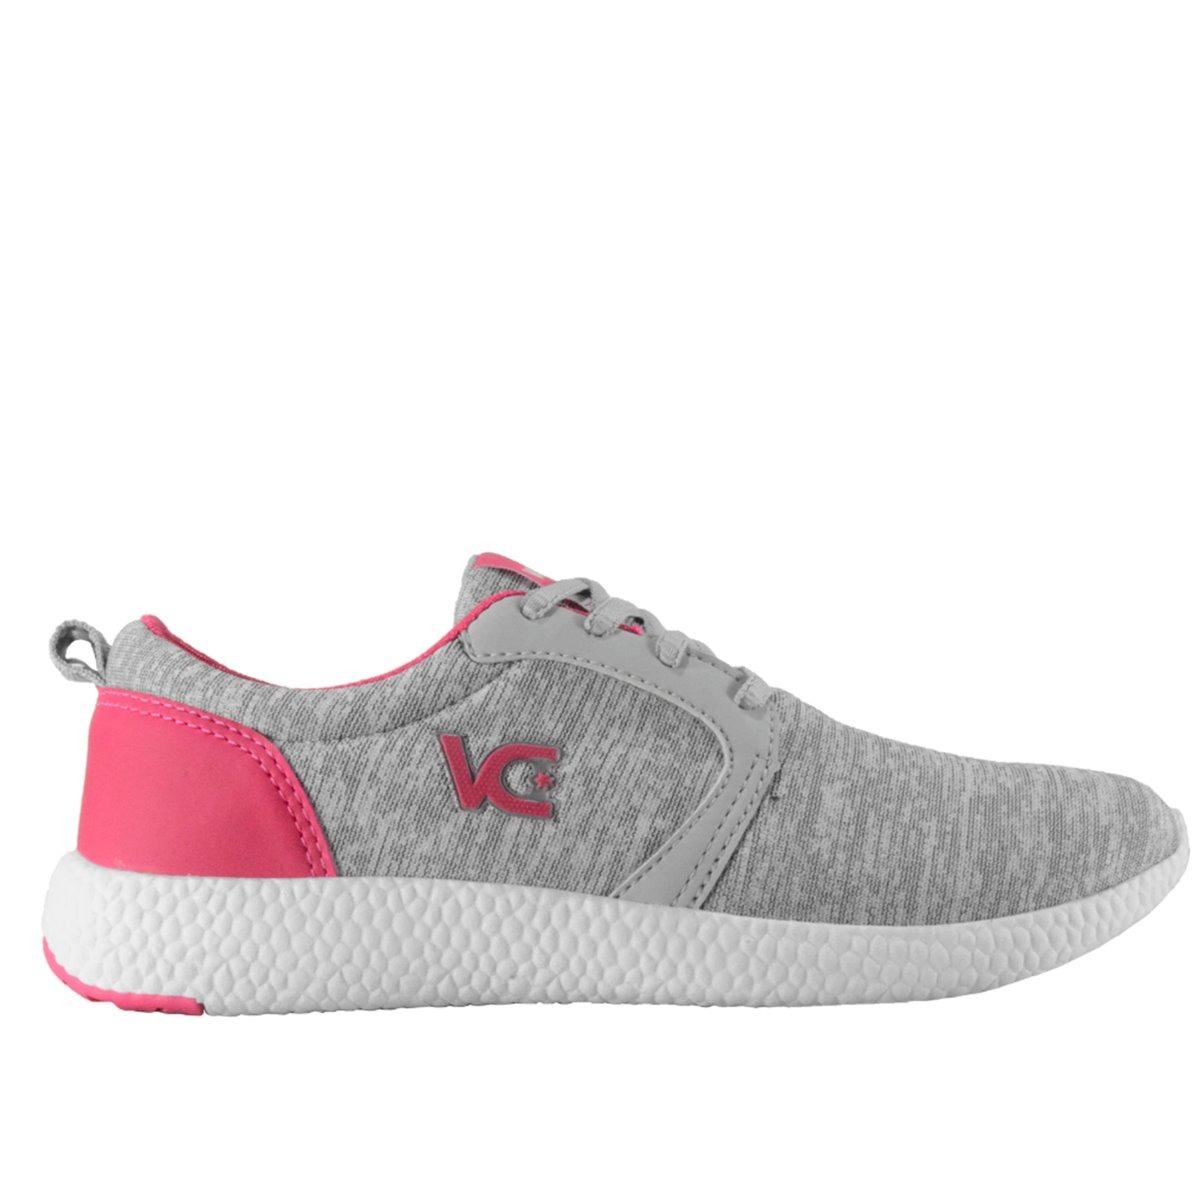 b24905c7af6 Tênis Feminino Vanscy Boost Cinza pink - R  120